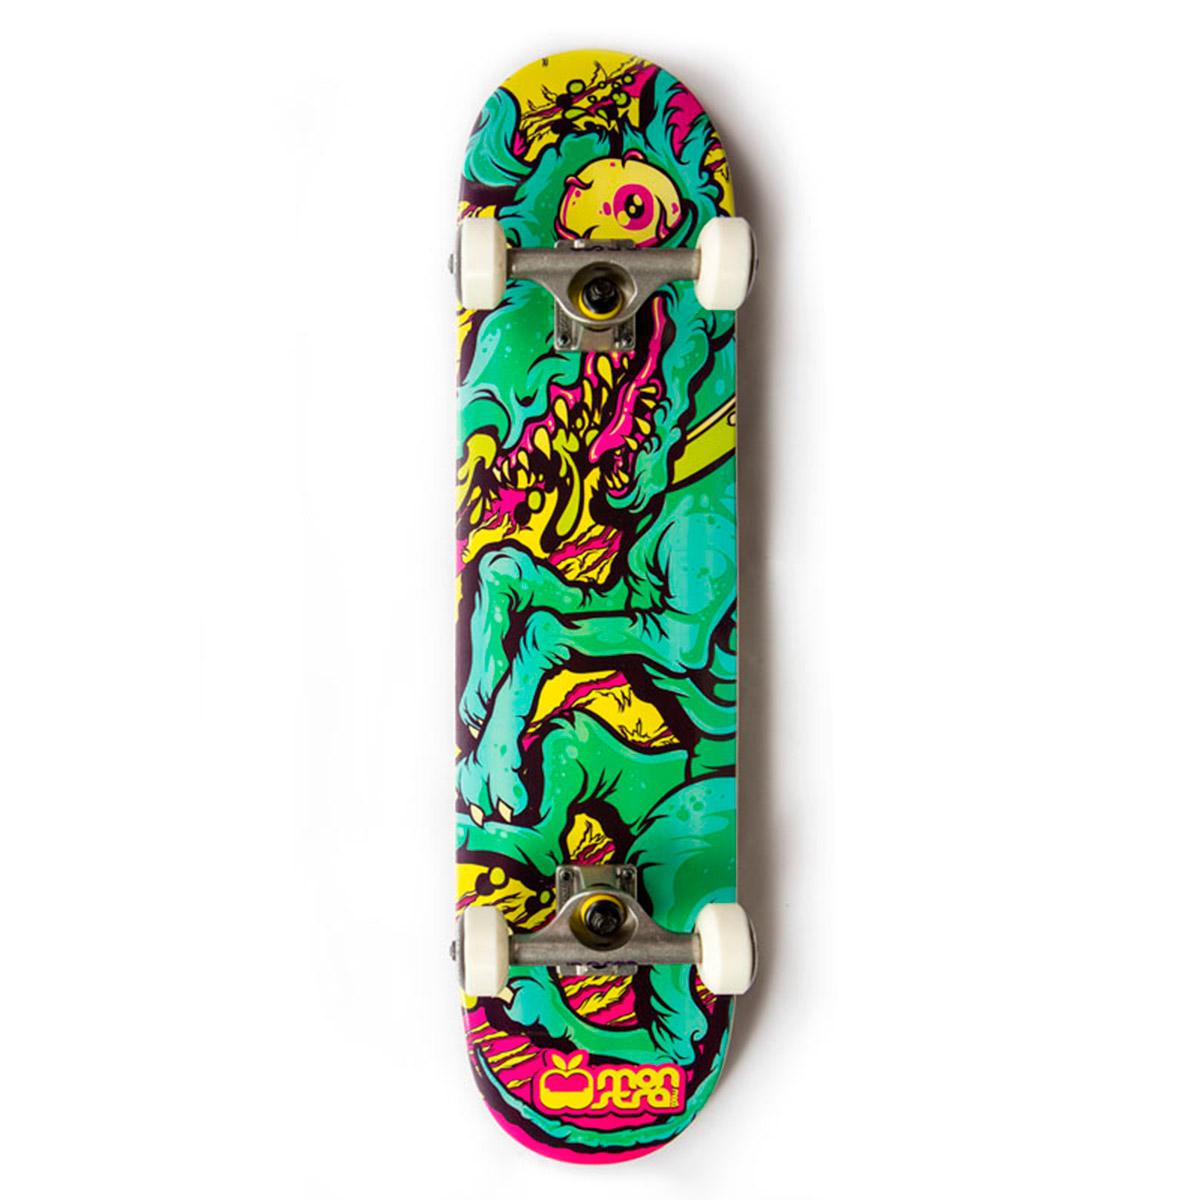 Skate Completo Monstra Maçã Crazy Dog